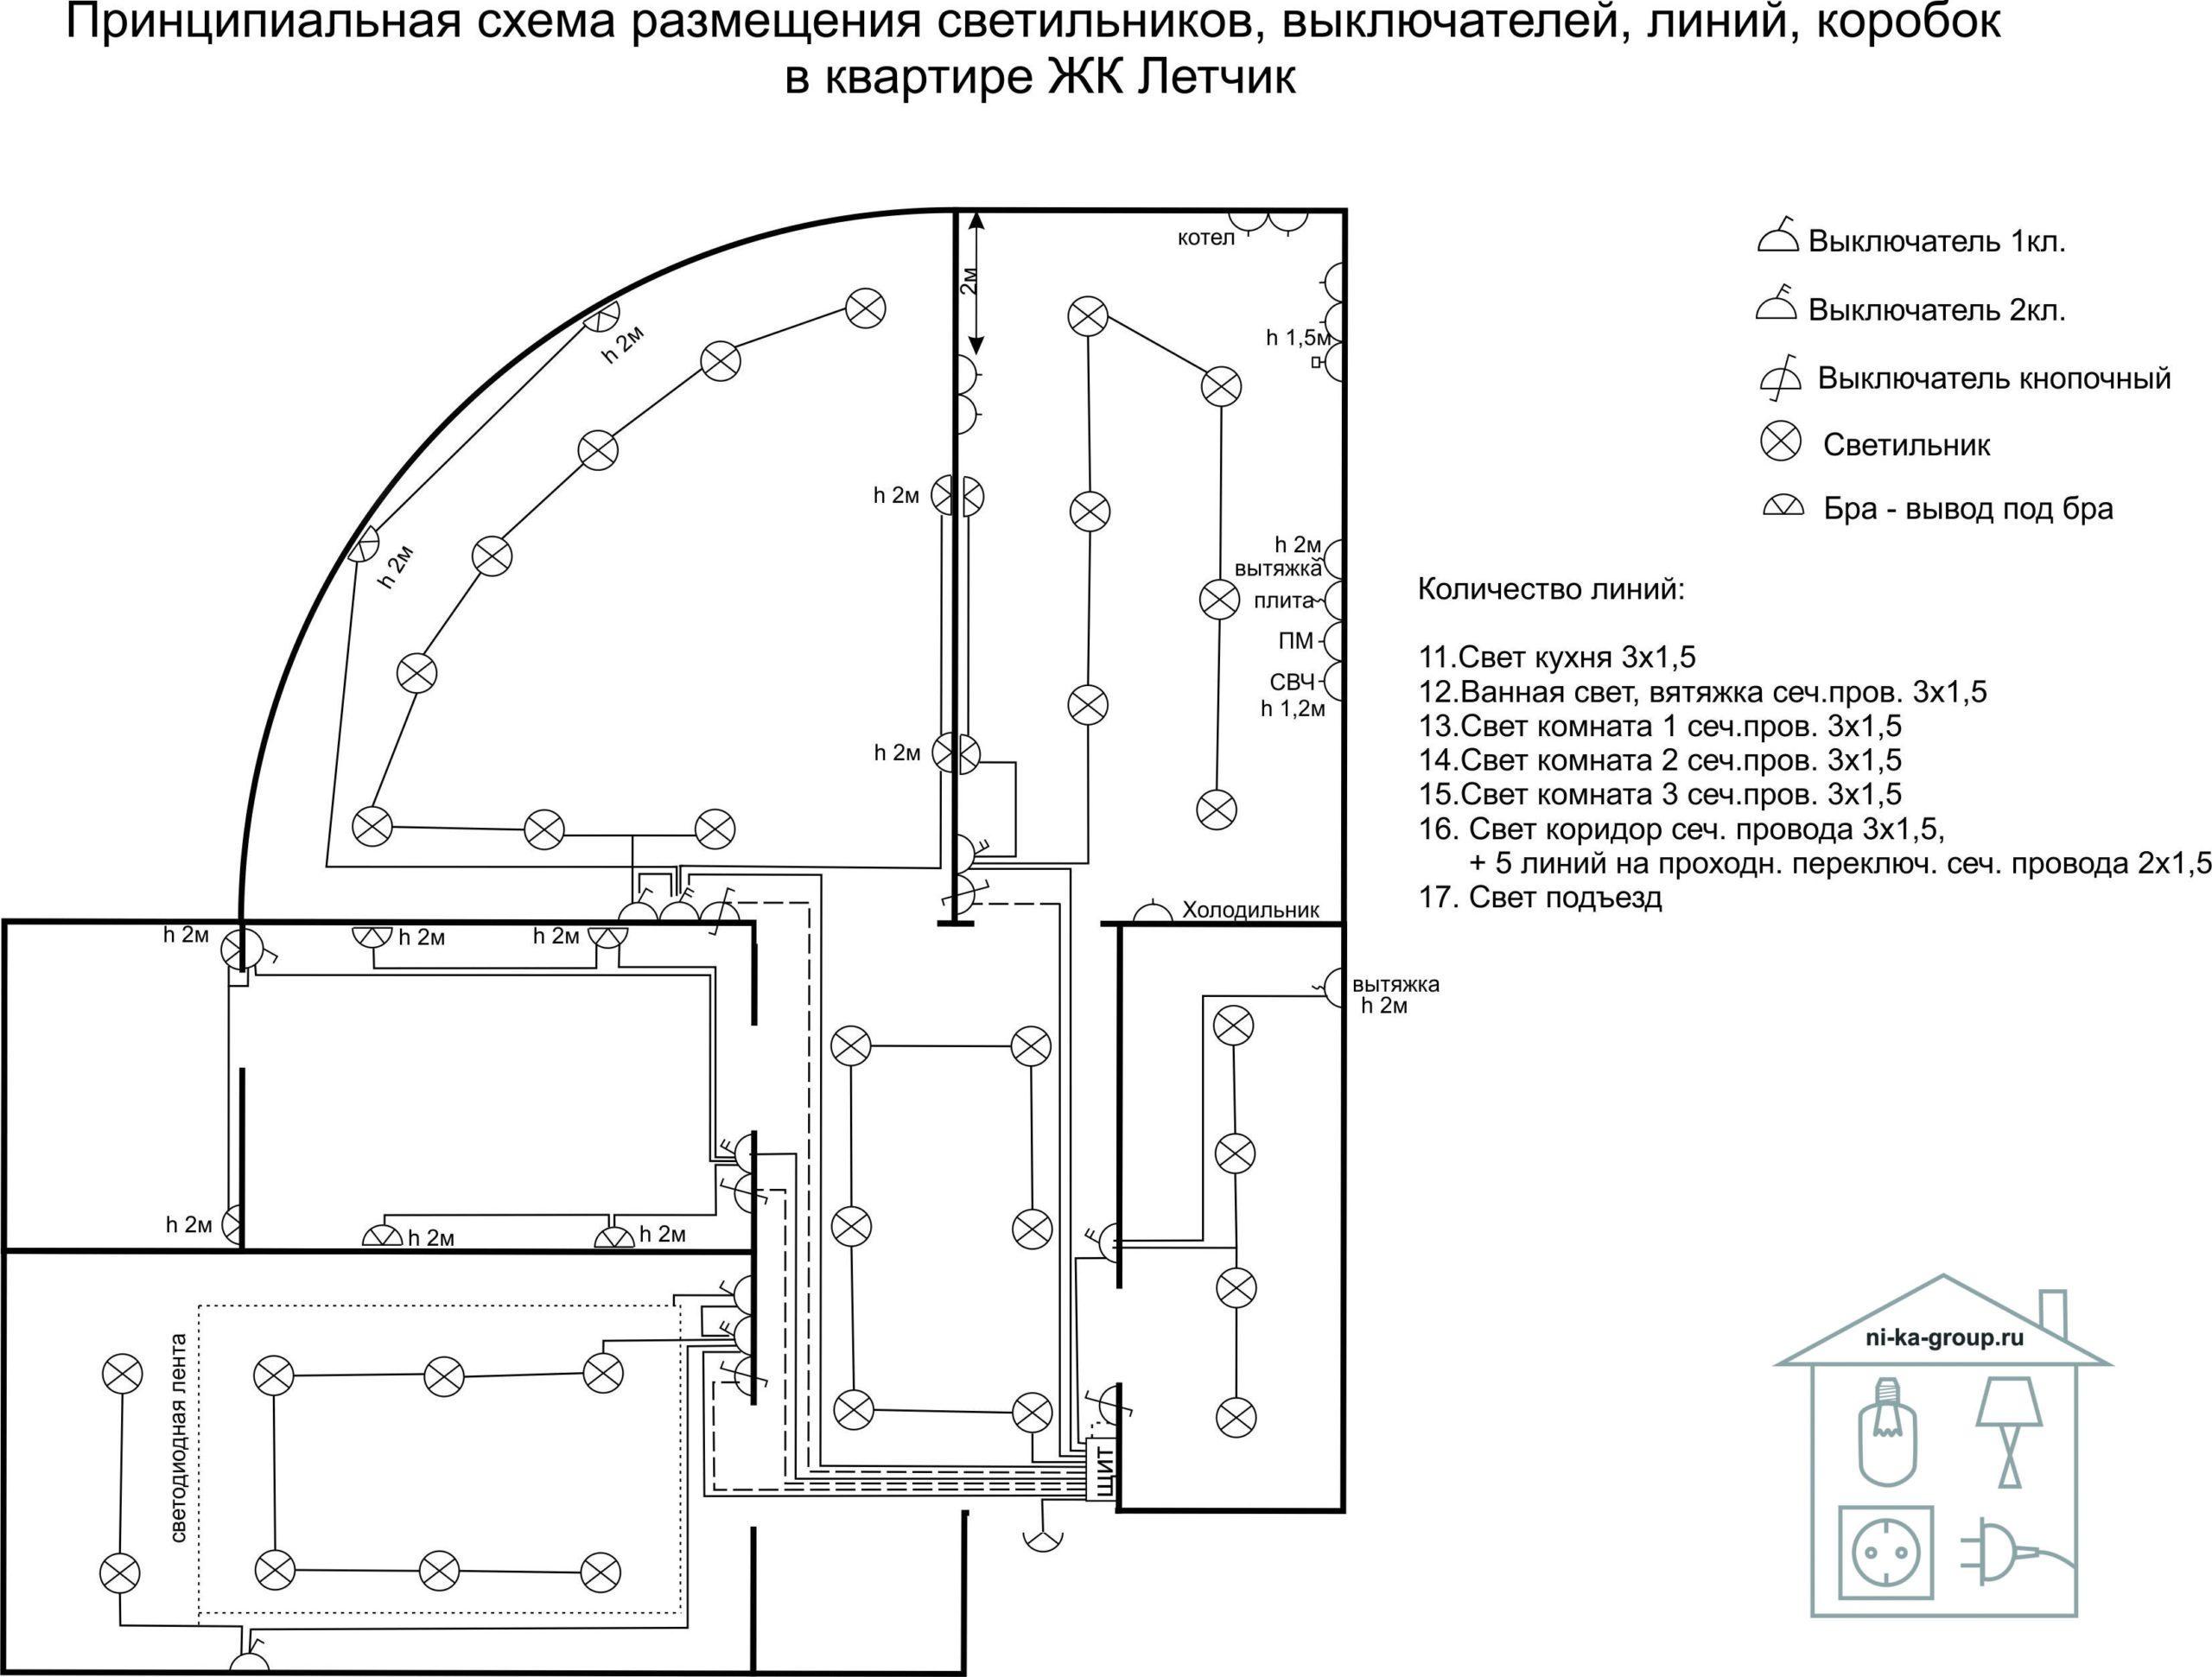 Электрическая схема размещения и подключения линий, светильников, выключателей в квартире ЖК Летчик